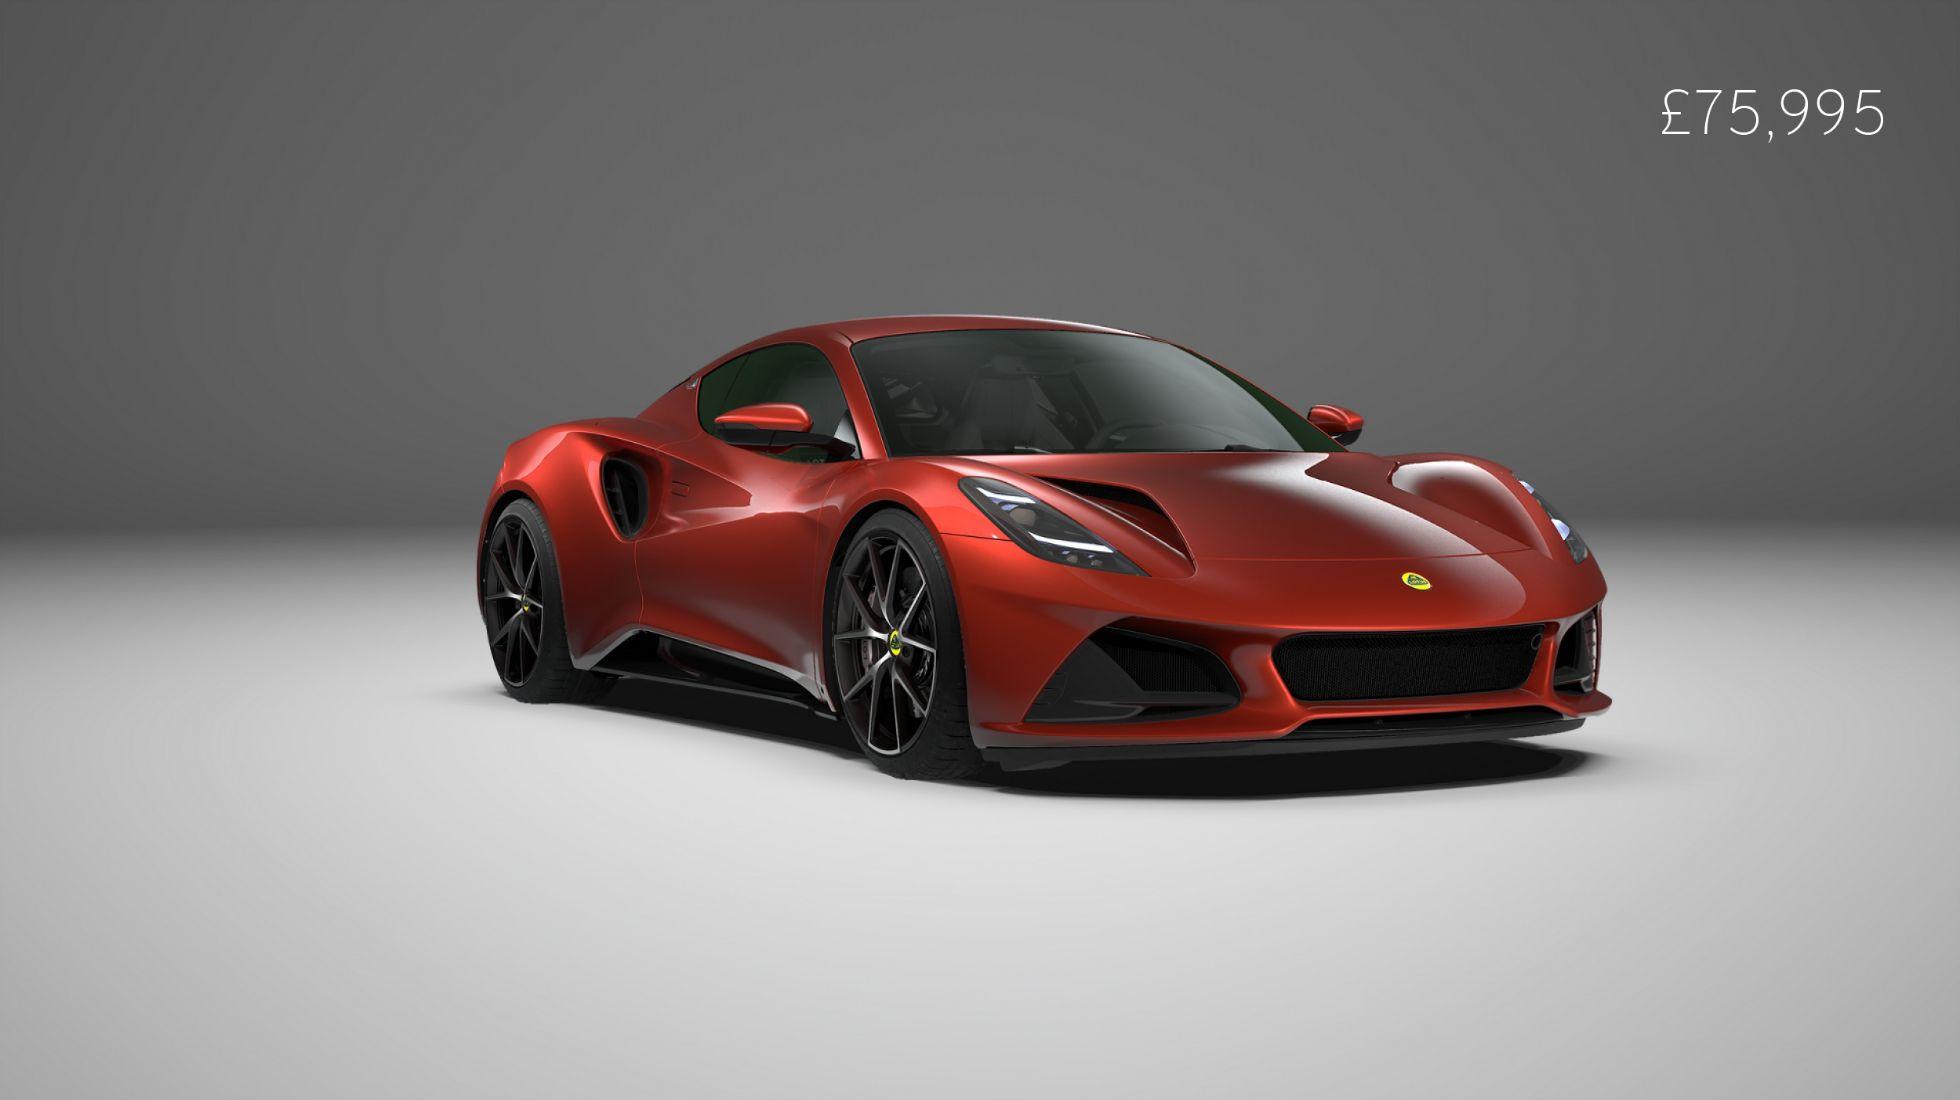 Lotus Emira spec and price unveiled